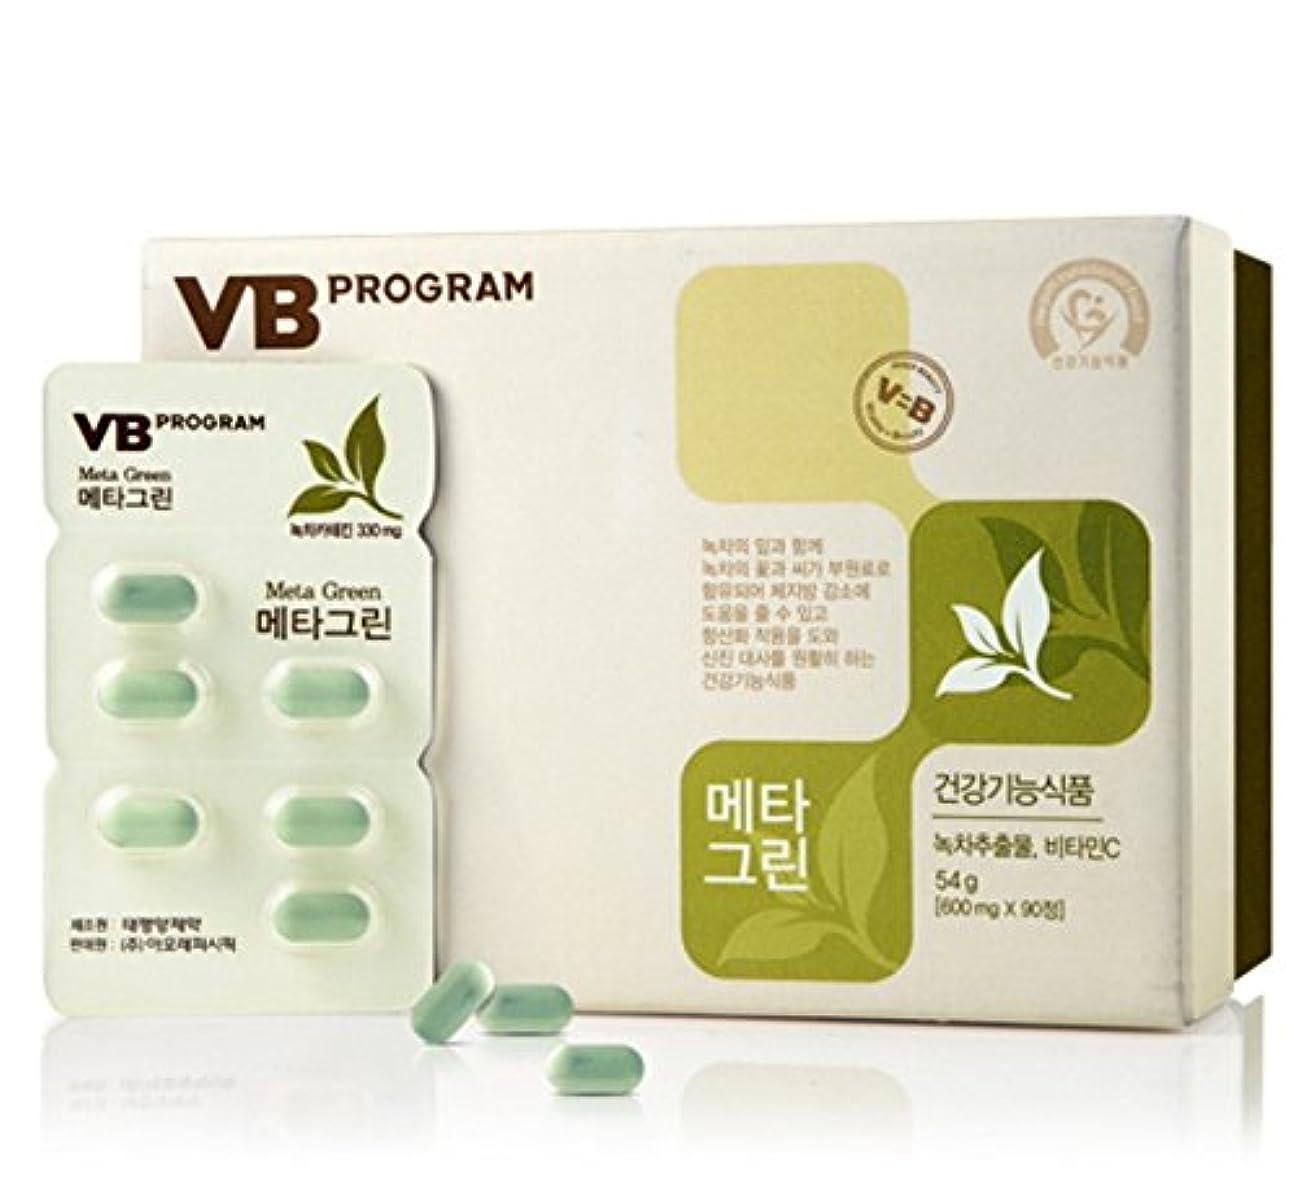 に対応ピーブ虹Vb Program Meta Green 600mg X 90 Pills 54g for Women Weight Control Green Tea[並行輸入品]